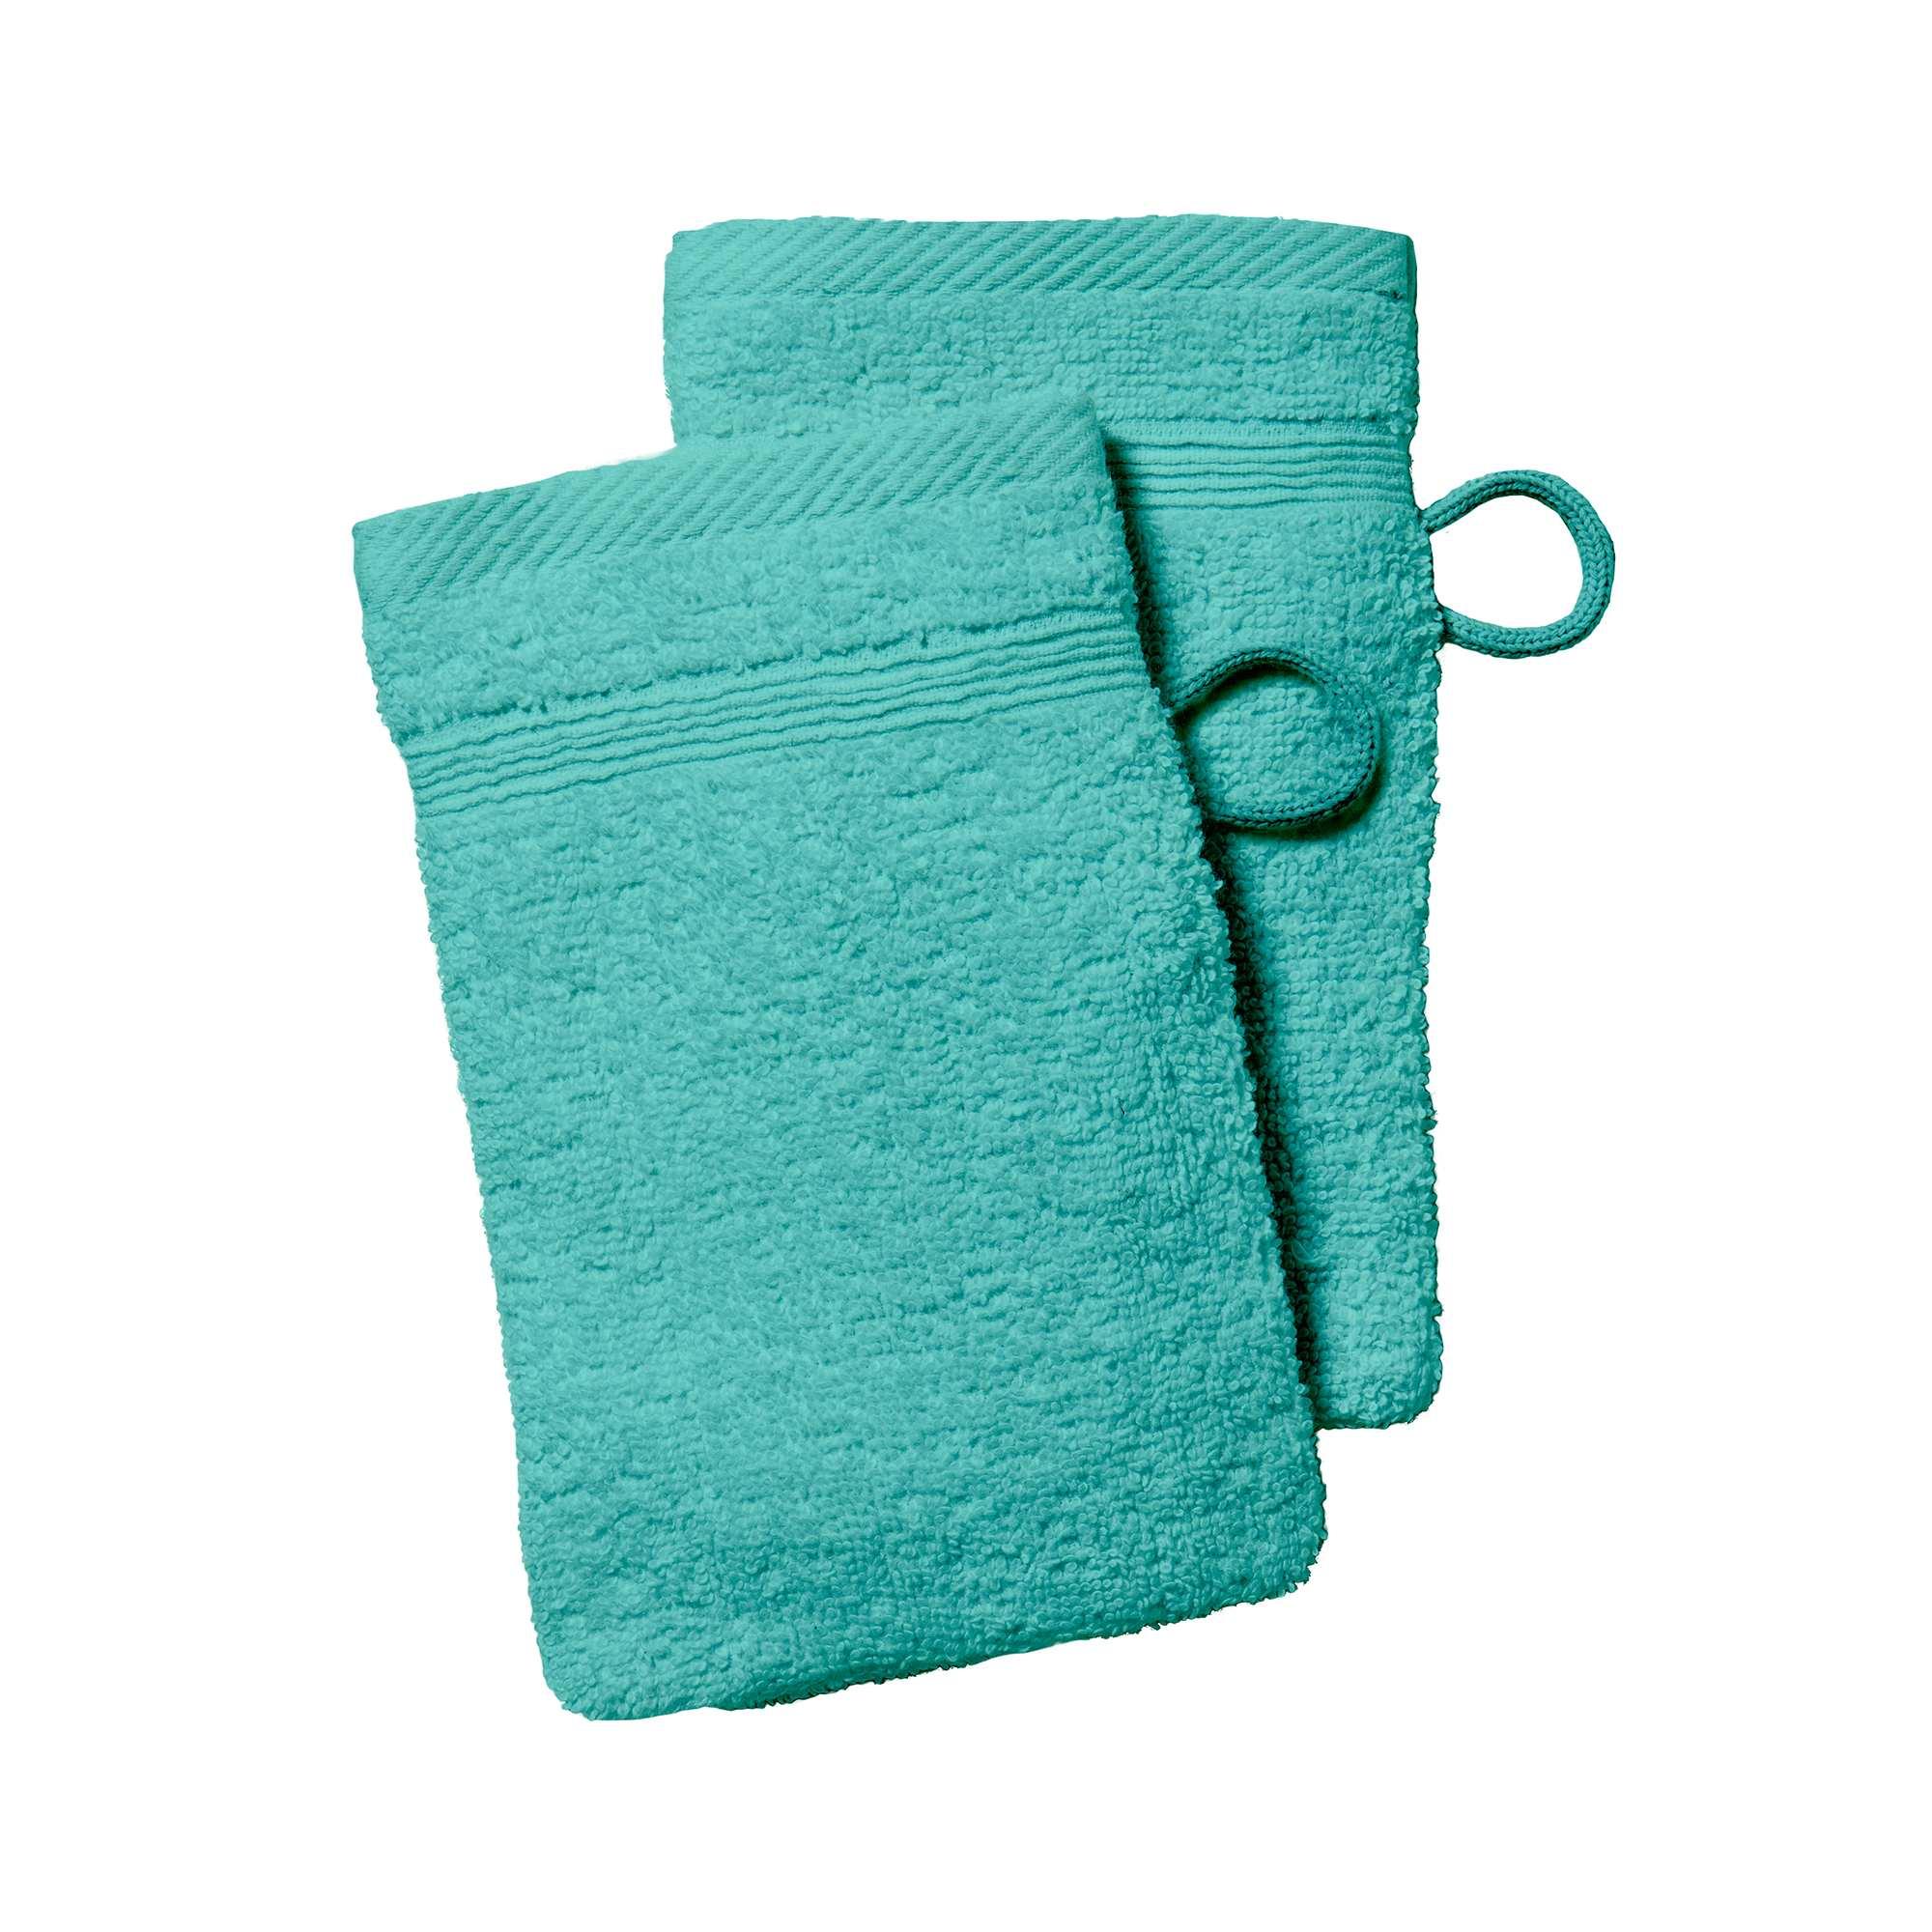 92e6d8beae27a Lot de 2 gants de toilette Linge de lit - vert menthe - Kiabi - 2,00€